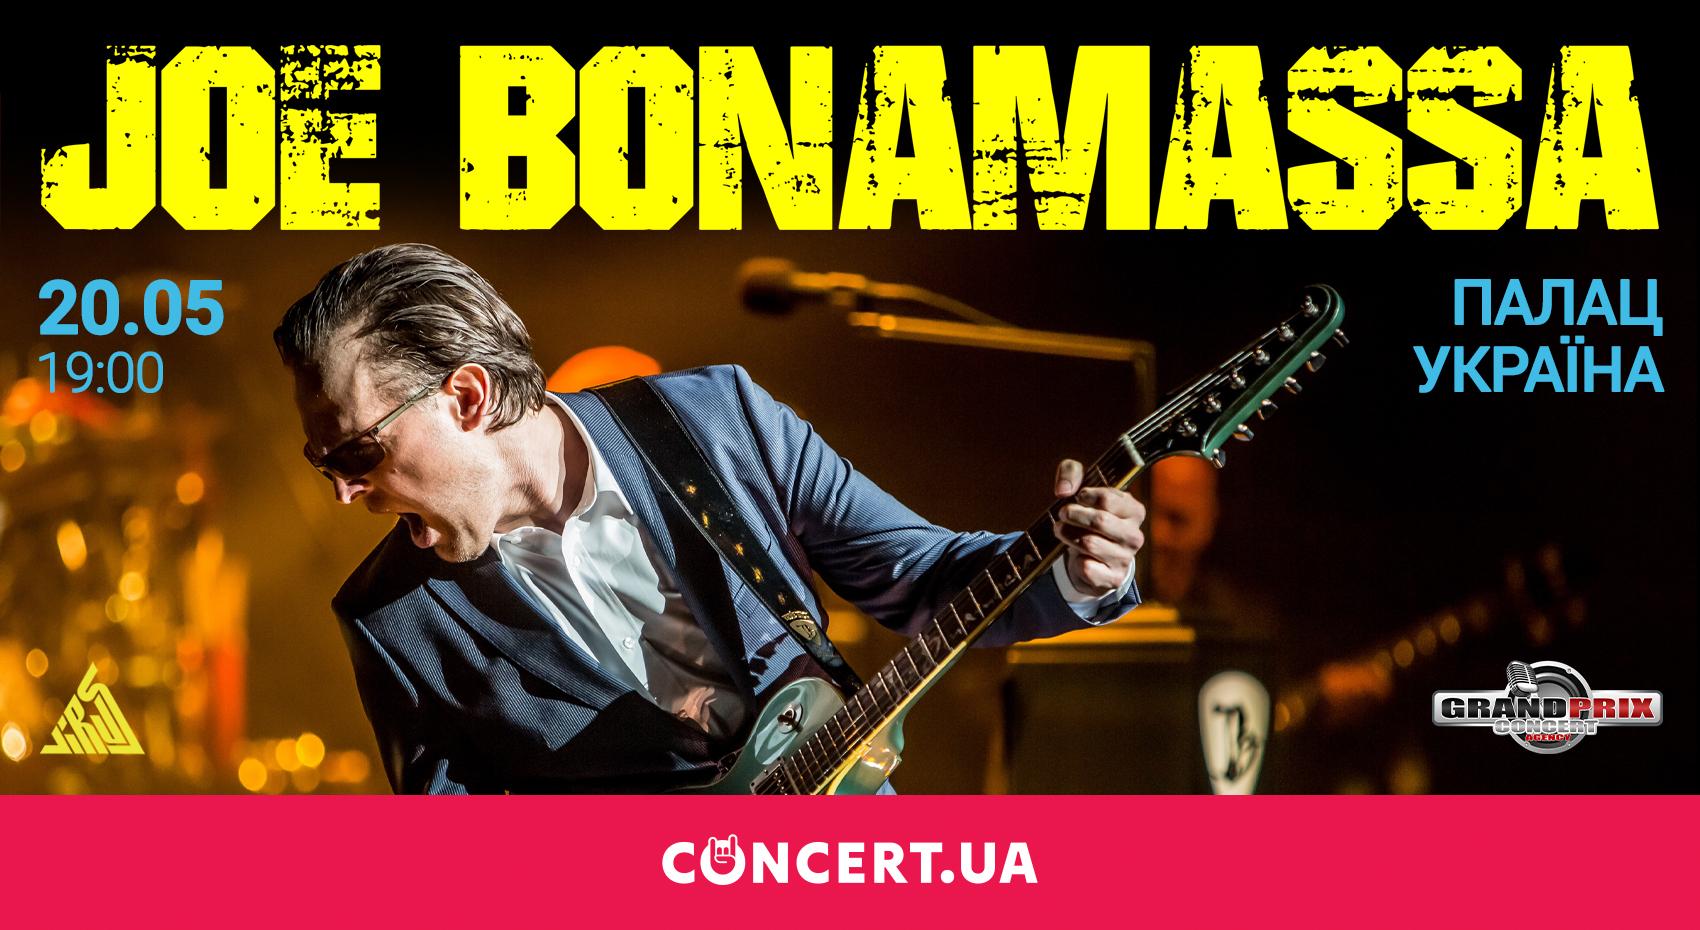 Лучший блюзовый гитарист мира Joe Bonamassa впервые выступит в Киеве